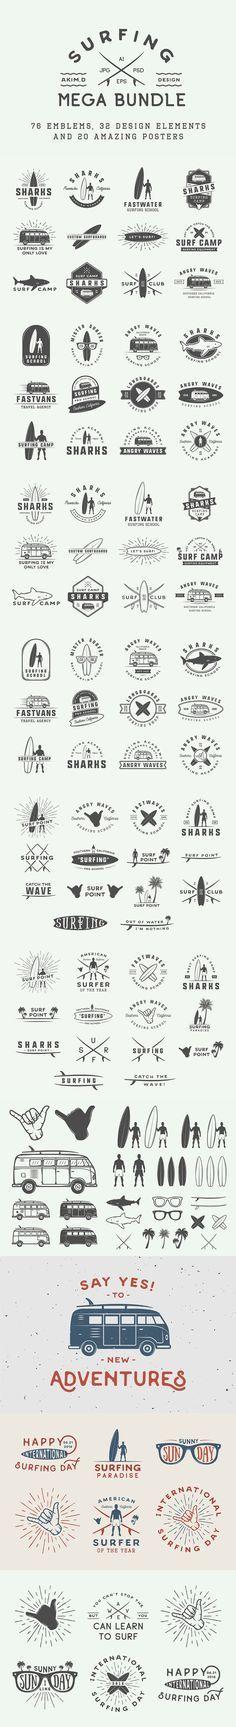 Set of Vintage Surfing Emblems. Download here: https://creativemarket.com/AkimD/721895?u=ksioks